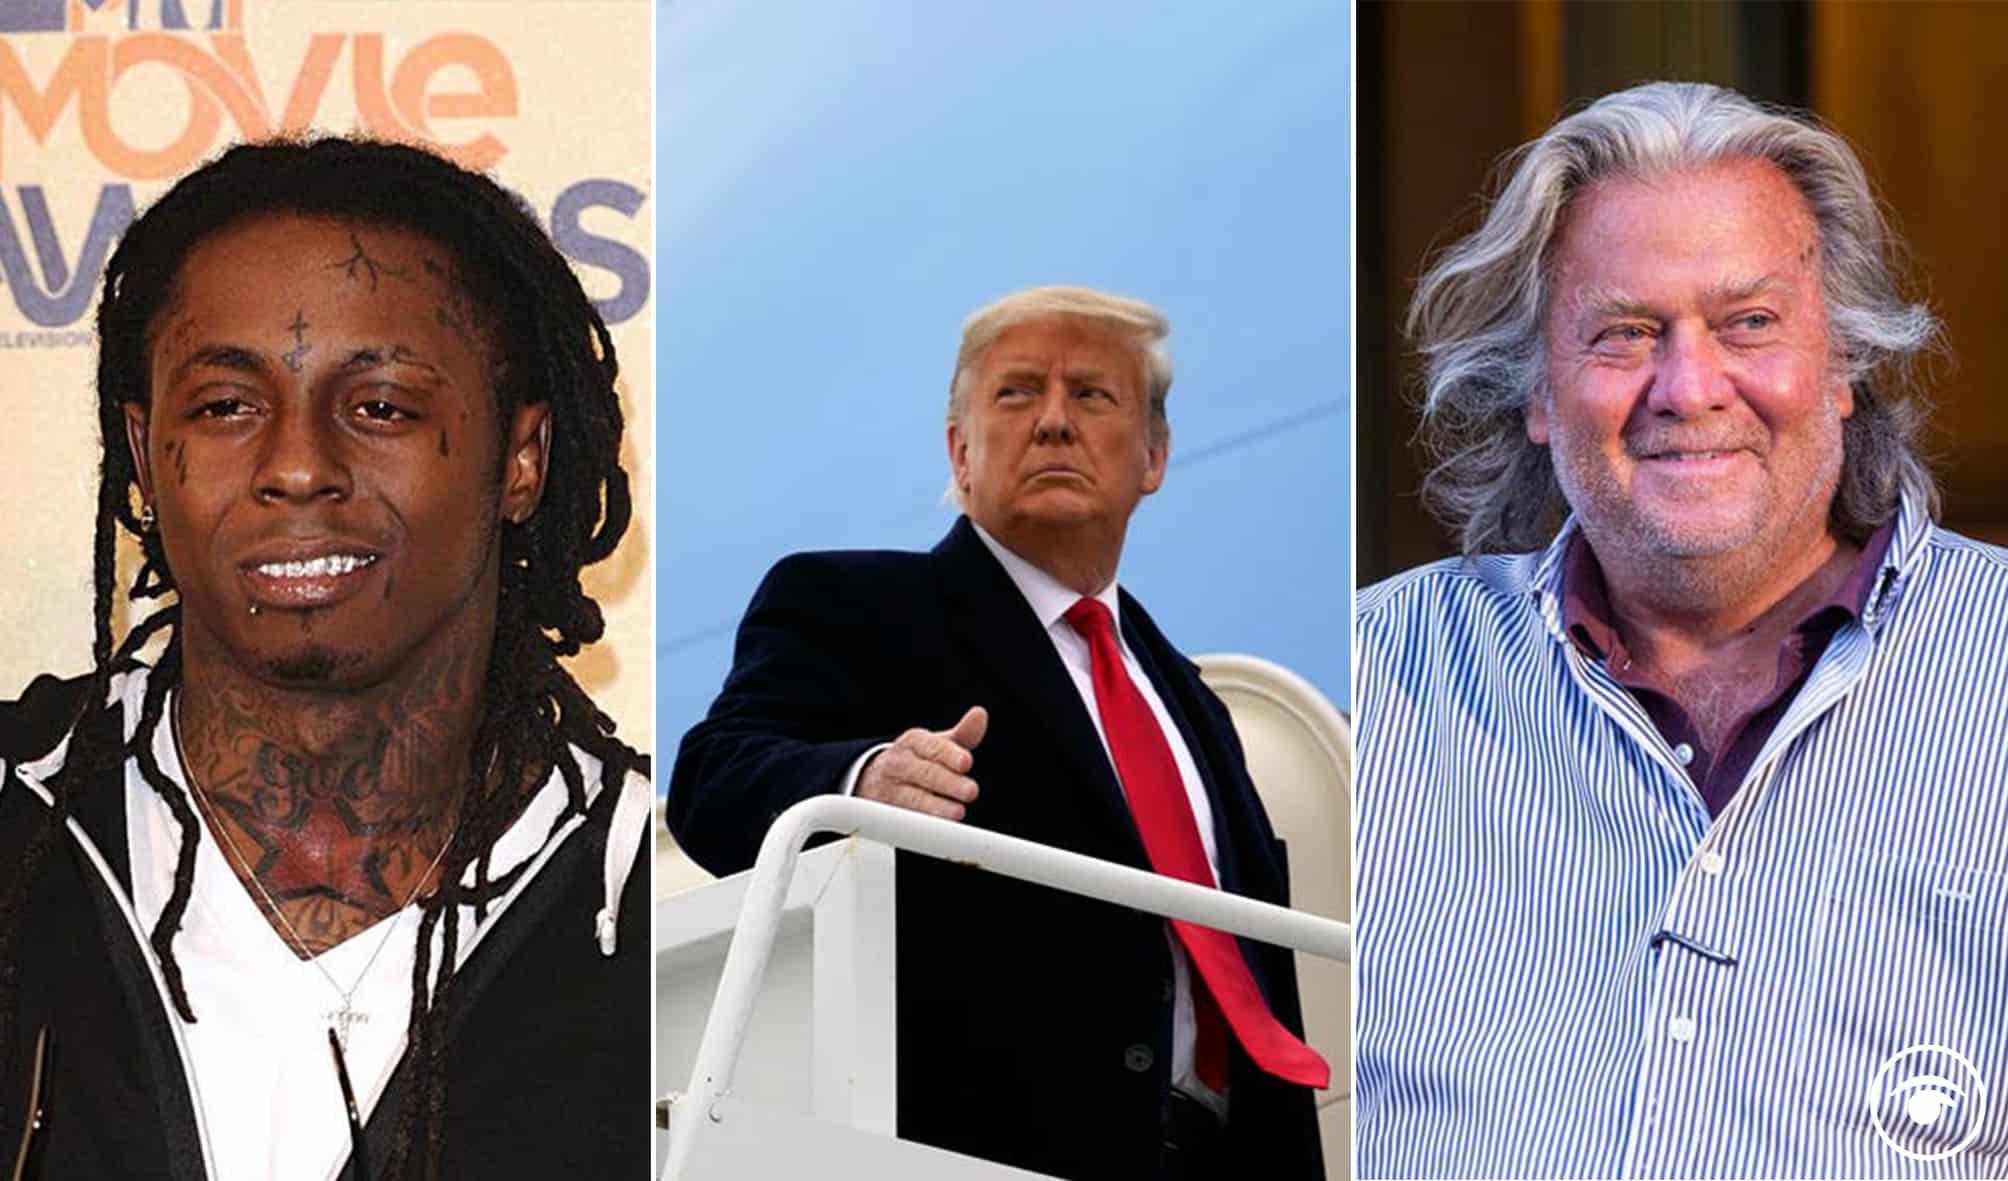 Top reactions as Donald Trump announces who he will pardon